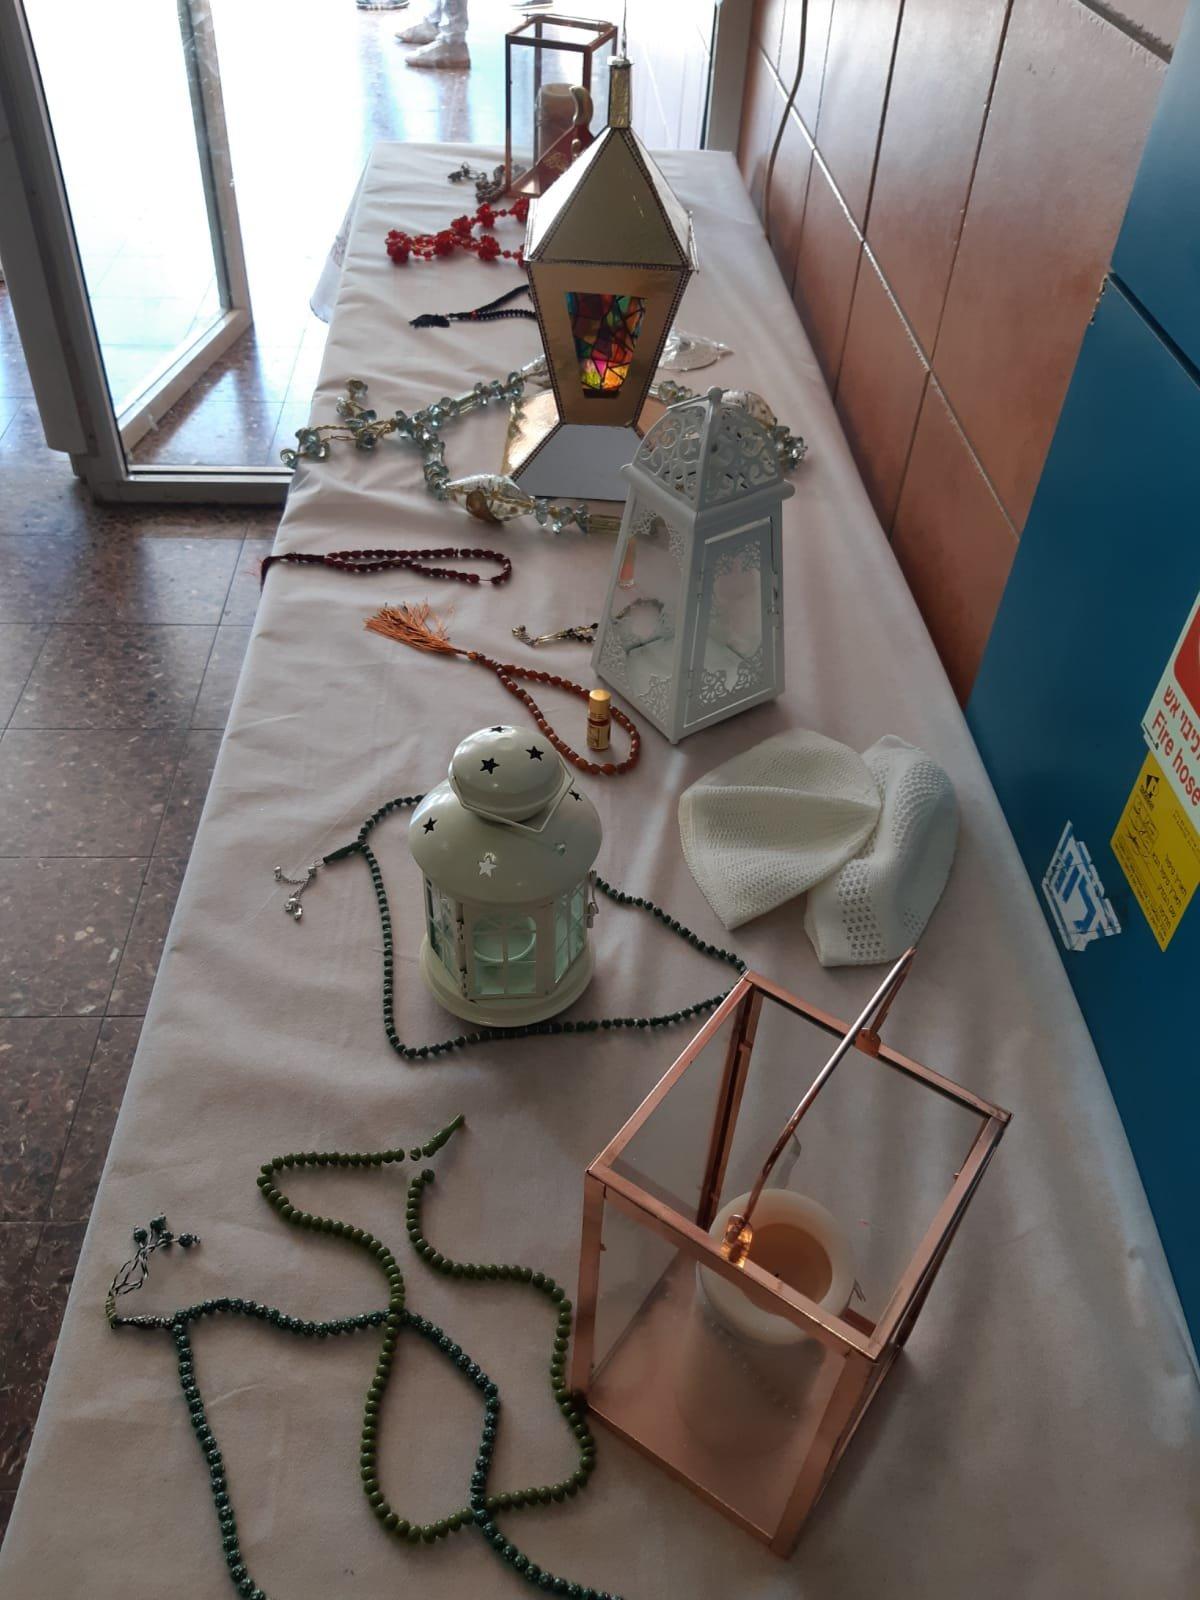 مدرسة المتنبّي في حيفا تحتفي برمضان وتوزّع الهدايا